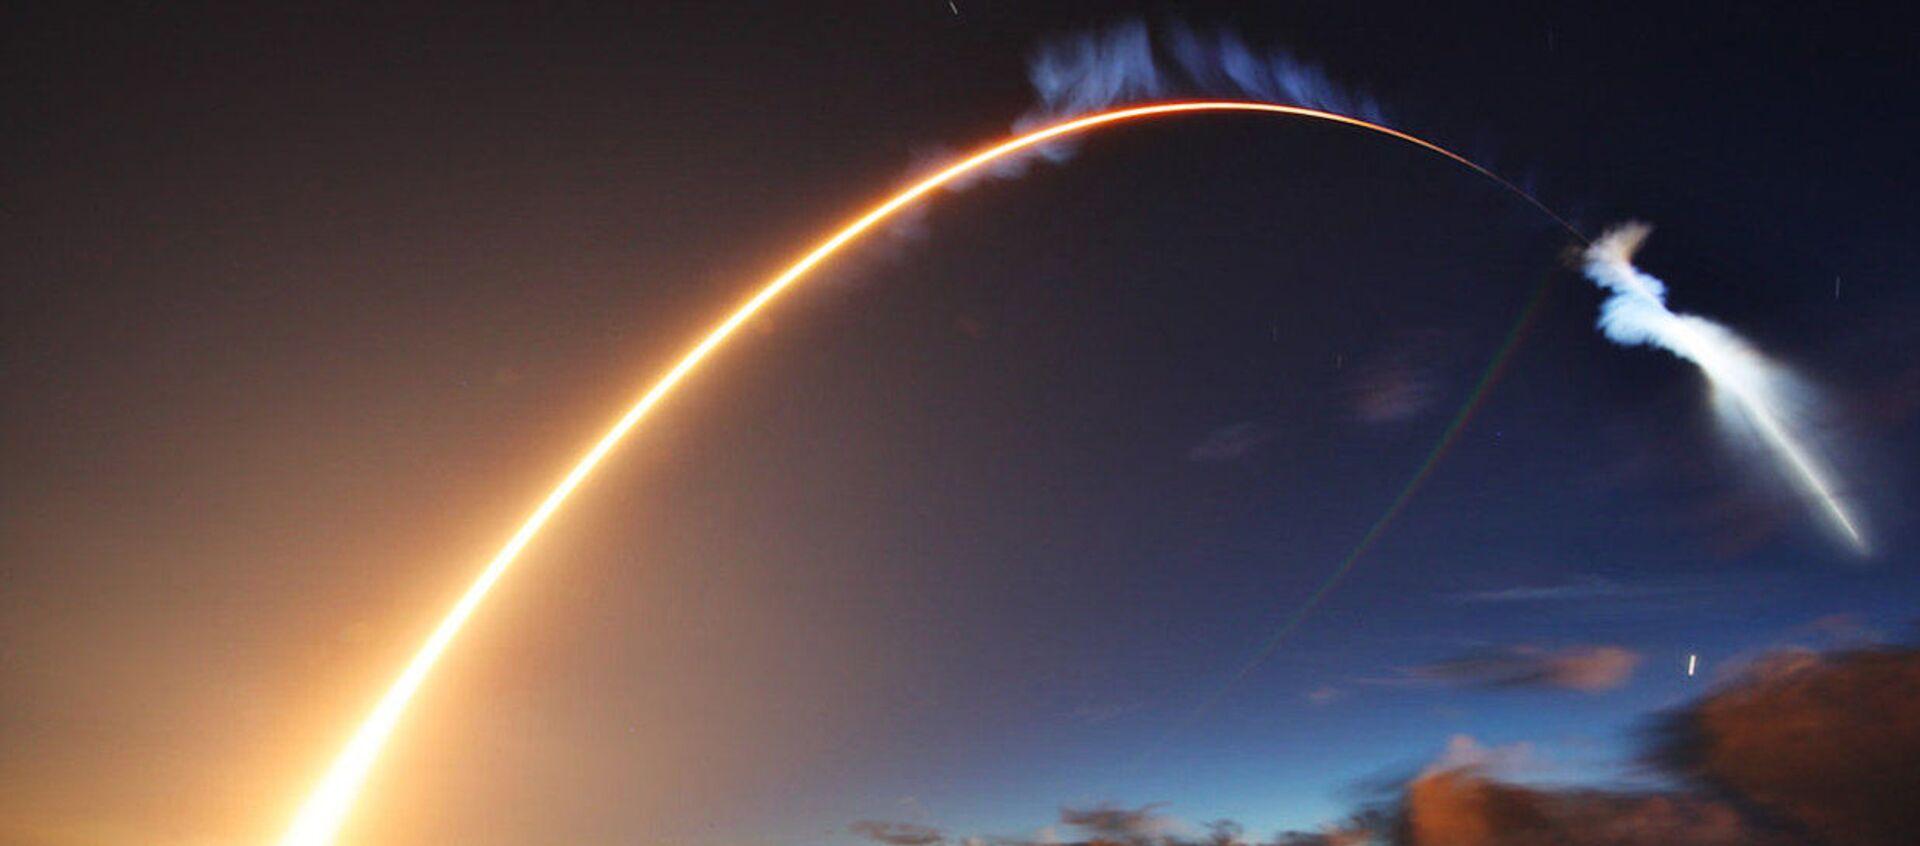 Wystrzelenie rakiety Atlas V z satelitą amerykańskich sił zbrojnych z przylądka Canaveral na Florydzie - Sputnik Polska, 1920, 15.04.2018